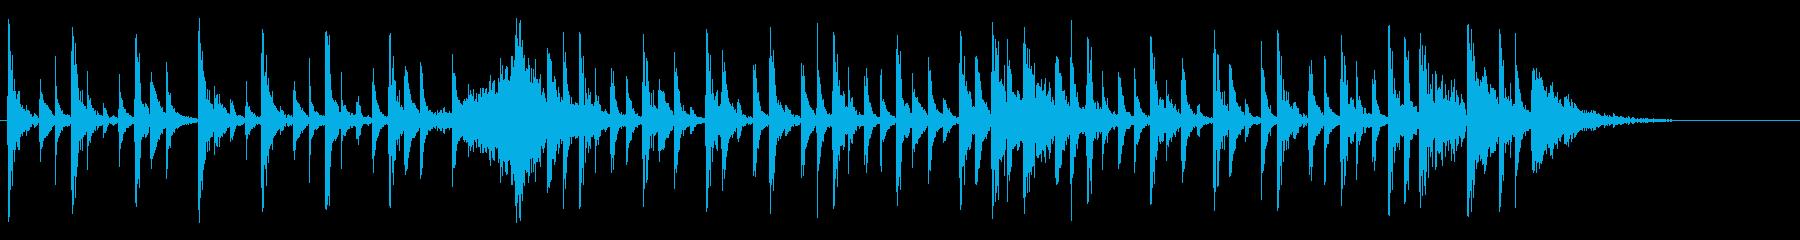 ドラム パーカス クラップ ジングルの再生済みの波形